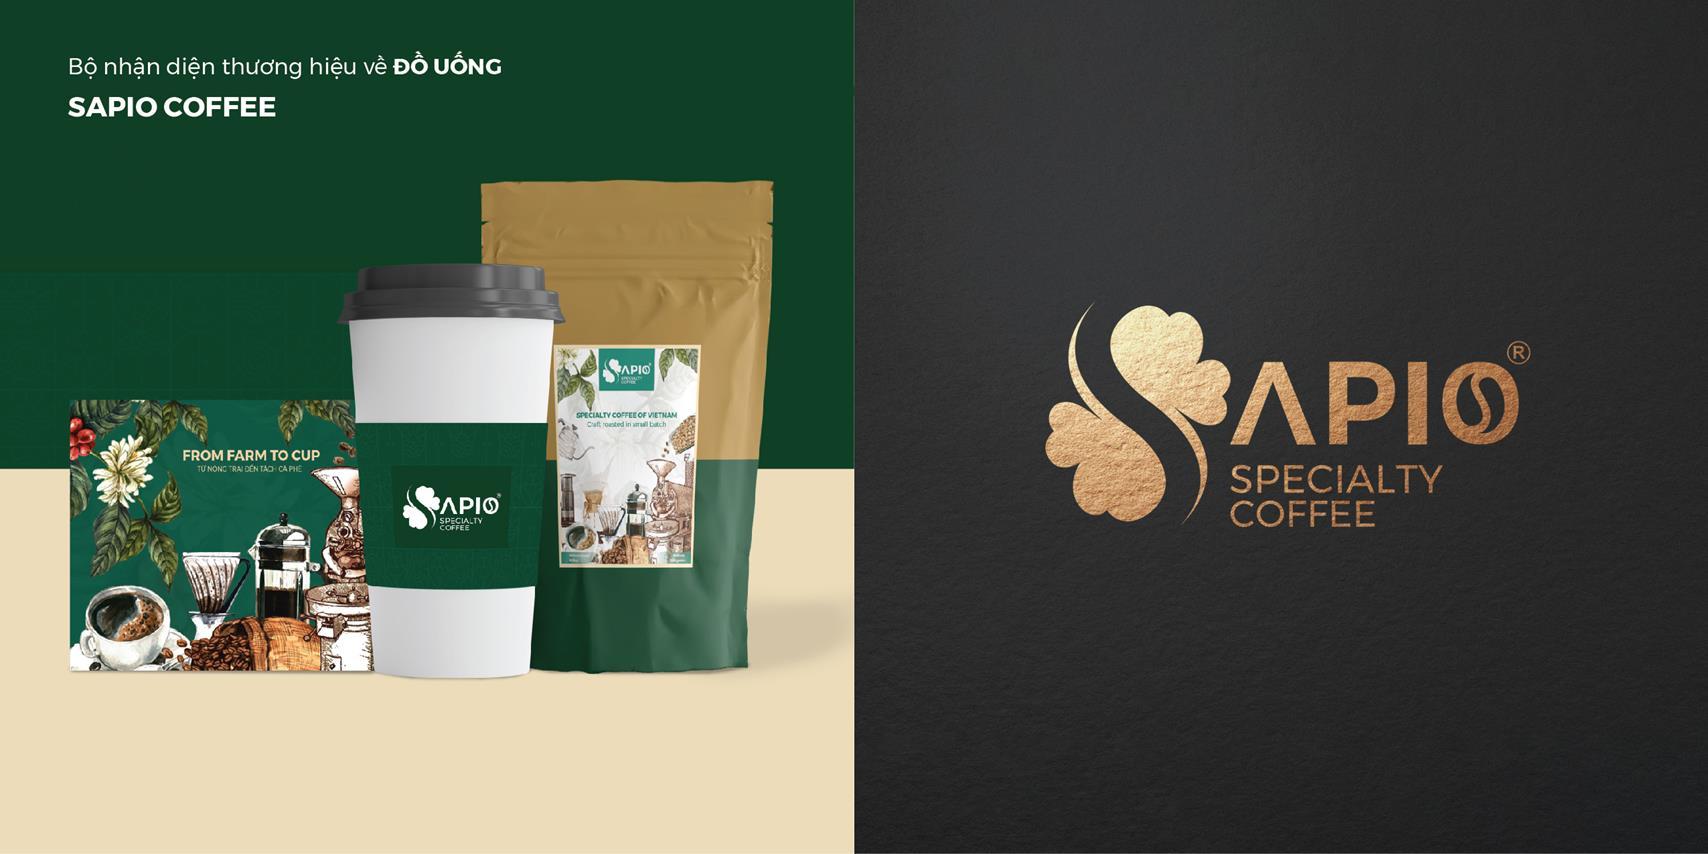 Tầm nhìn và sứ mạng của thương hiệu